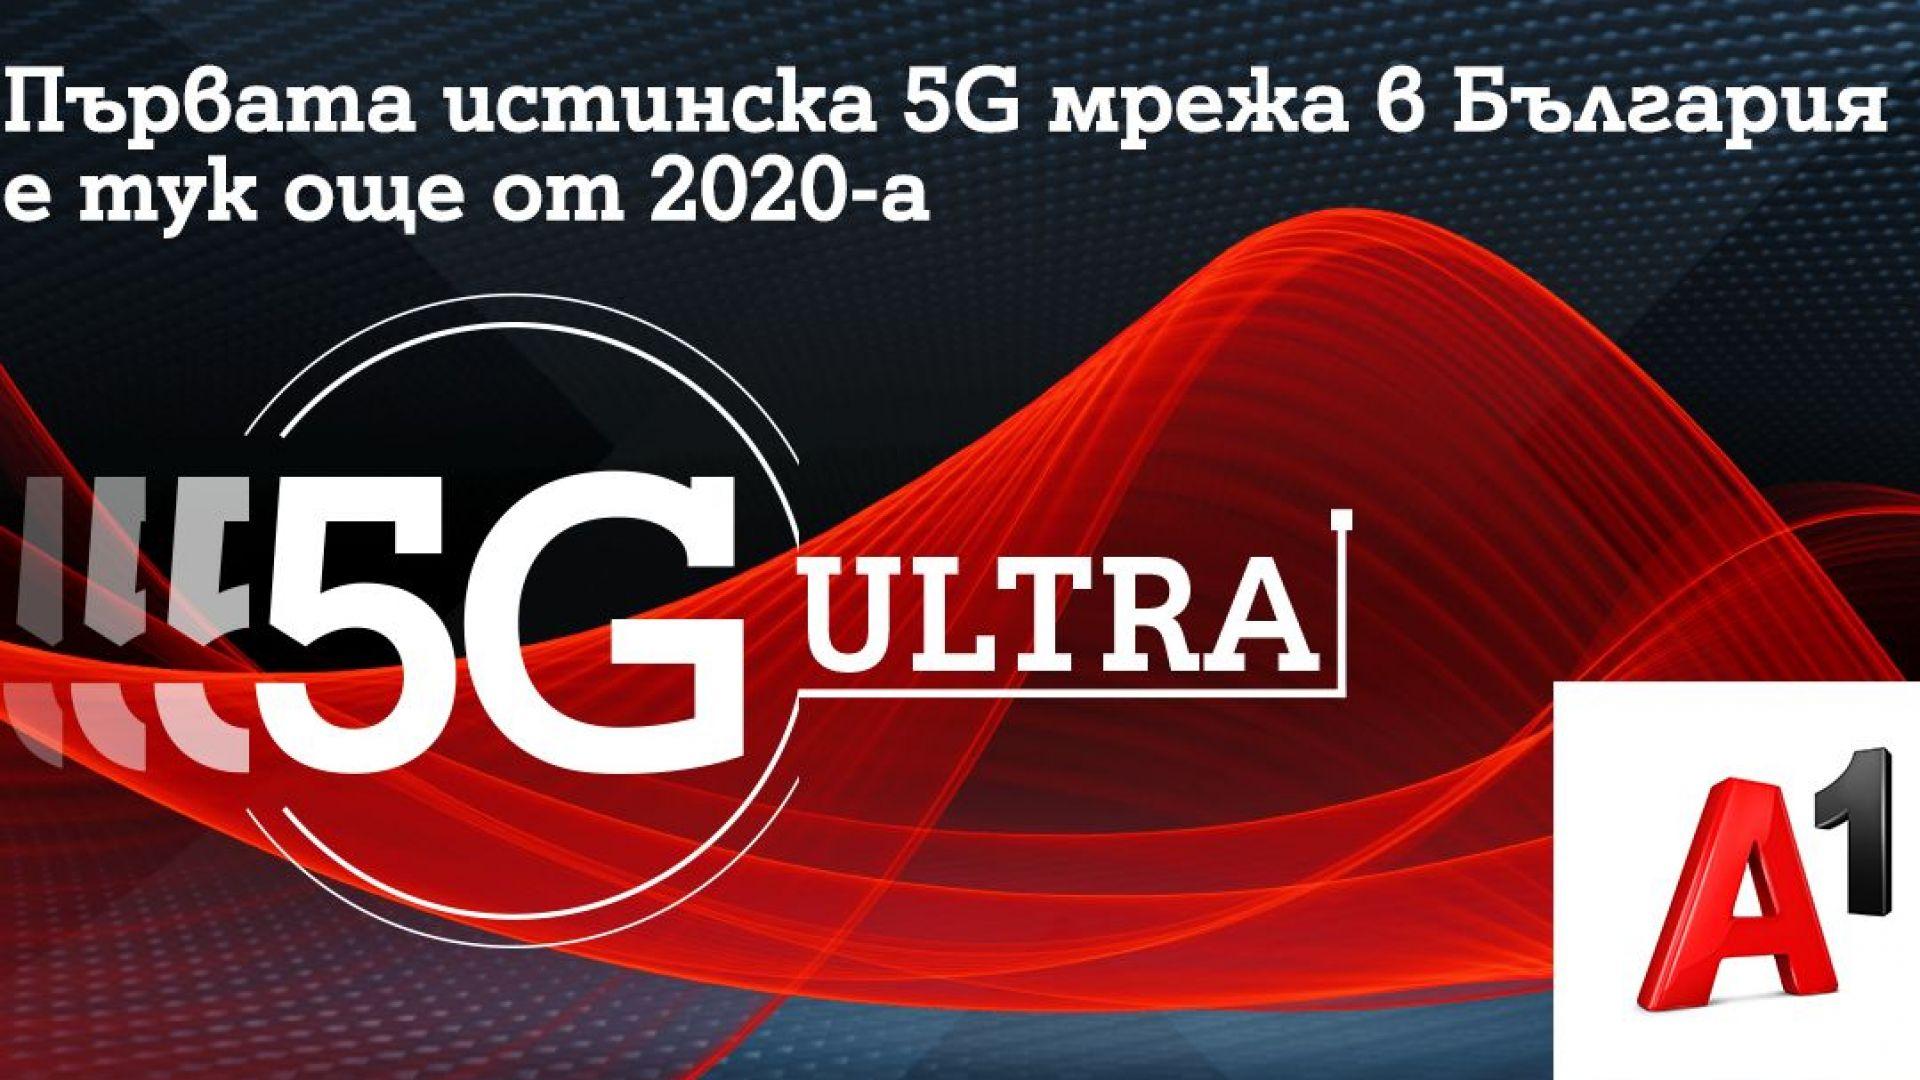 Коя е ултра бързата 5G мрежа в България